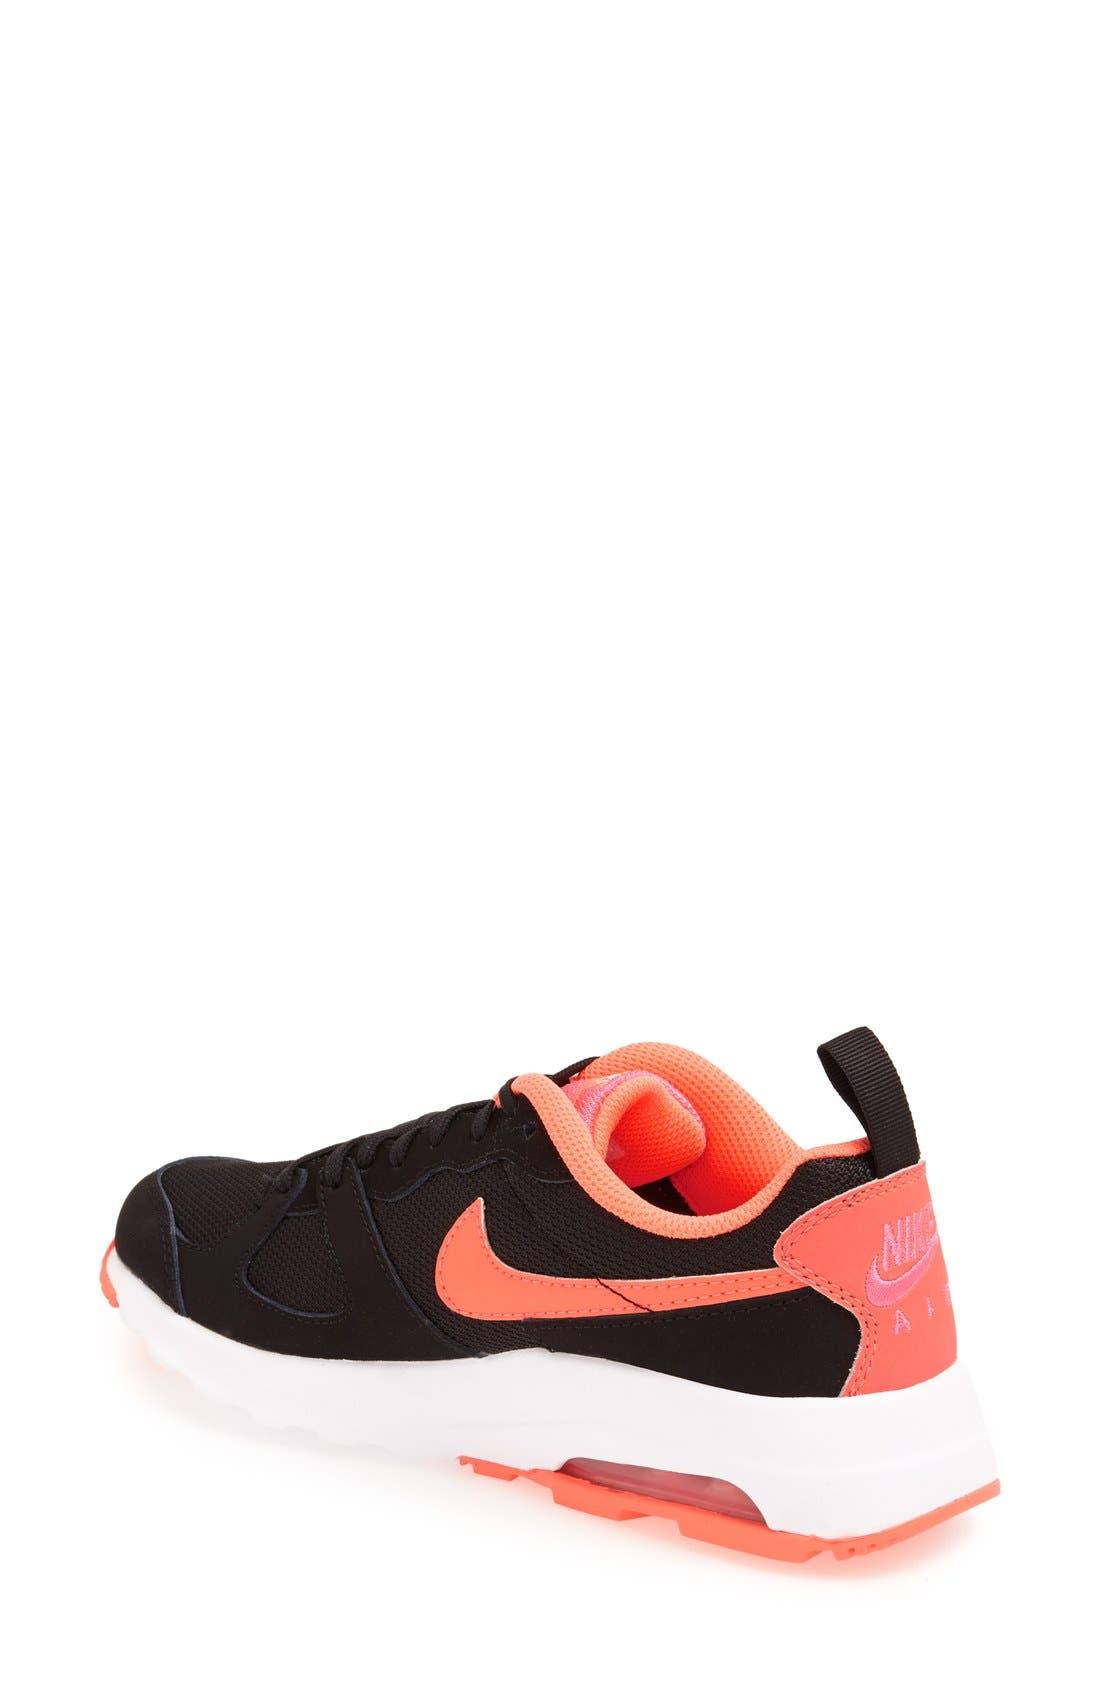 Alternate Image 2  - Nike 'Air Max - Muse' Sneaker (Women)